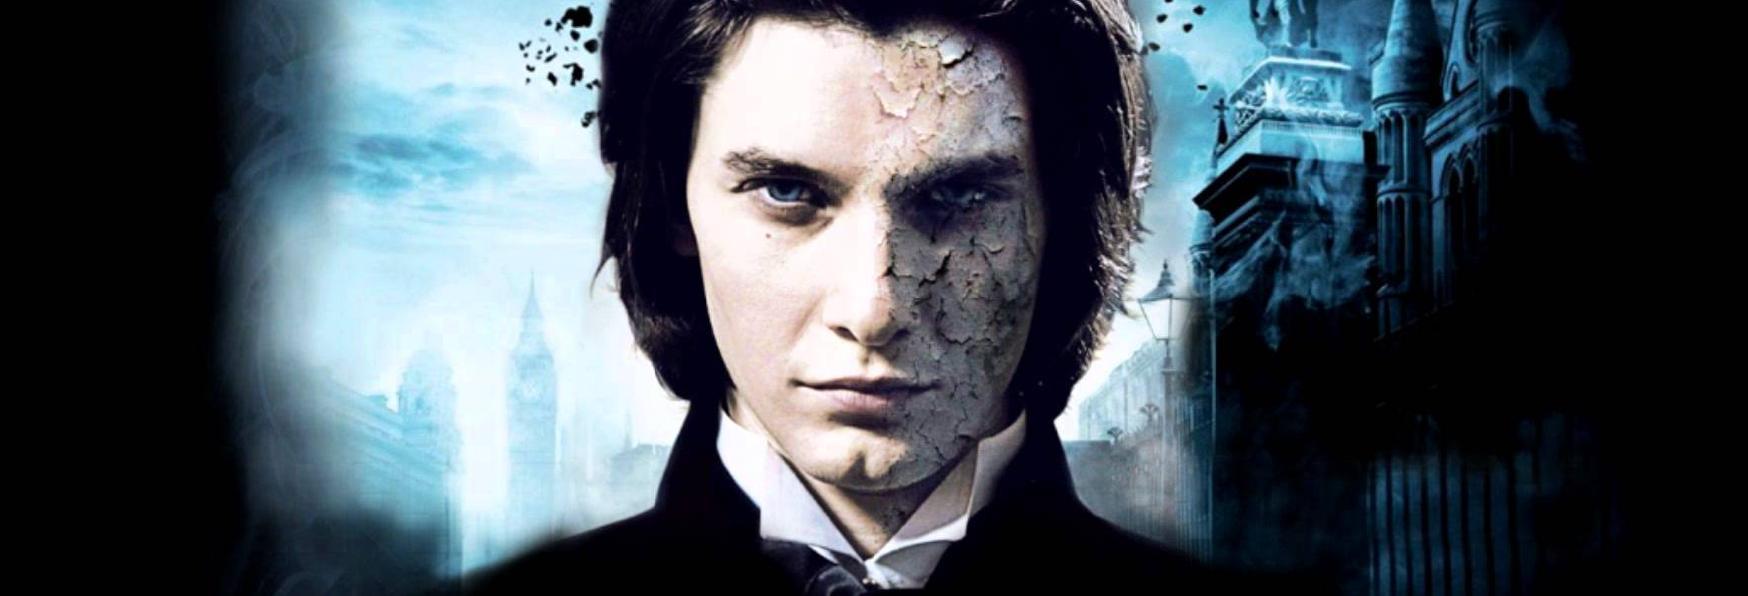 Il Ritratto di Dorian Gray: in arrivo una Serie tv ispirata al Romanzo di Oscar Wilde